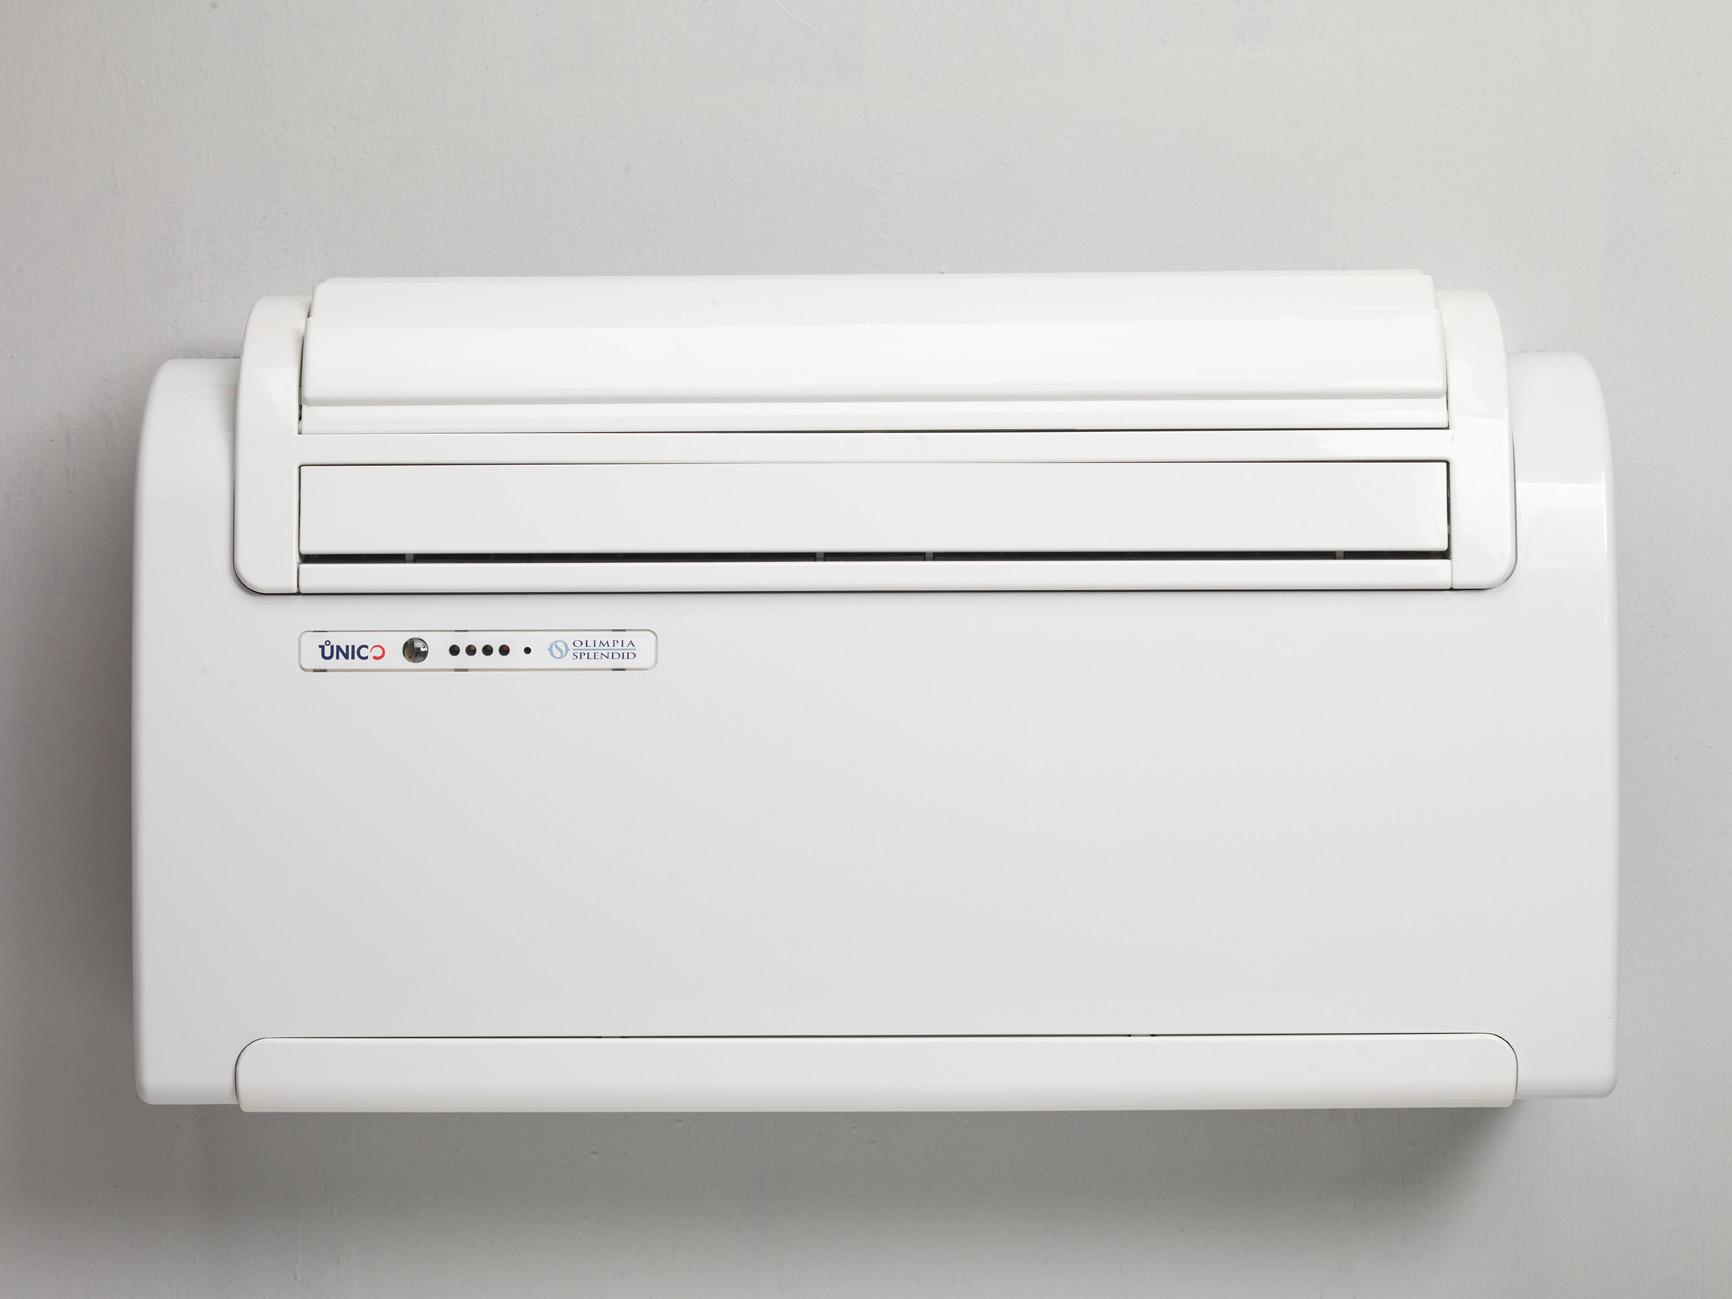 Offerte caldaie e climatizzatori atag chaffoteaux for Olimpia splendid unico opinioni